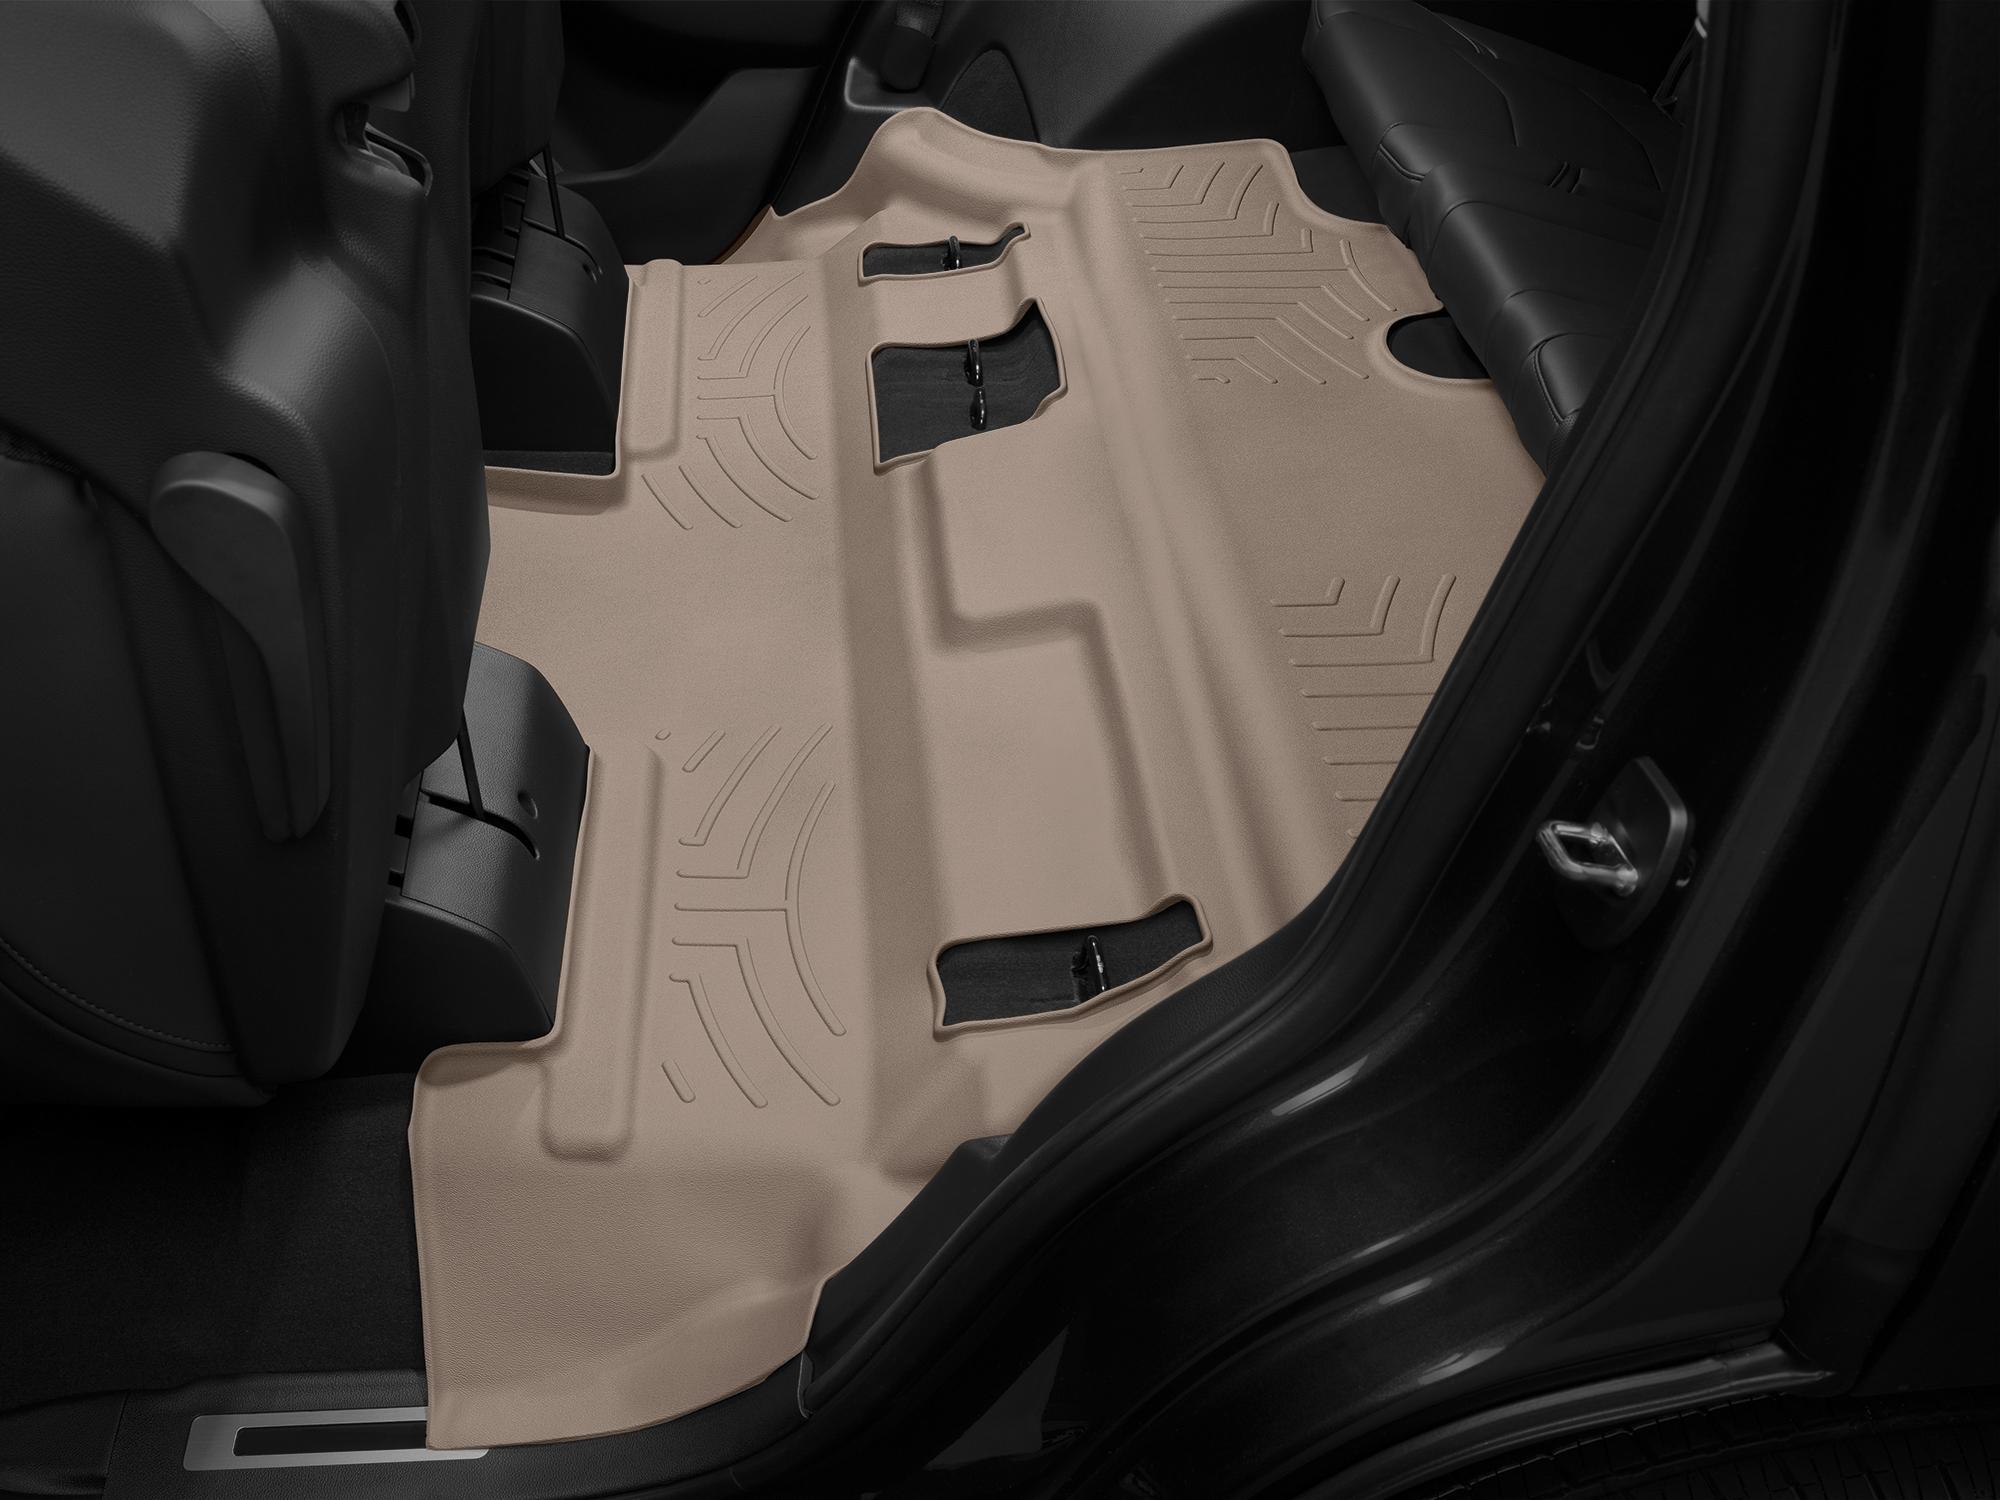 Tappeti gomma su misura bordo alto Cadillac Escalade 15>17 Marrone A28*